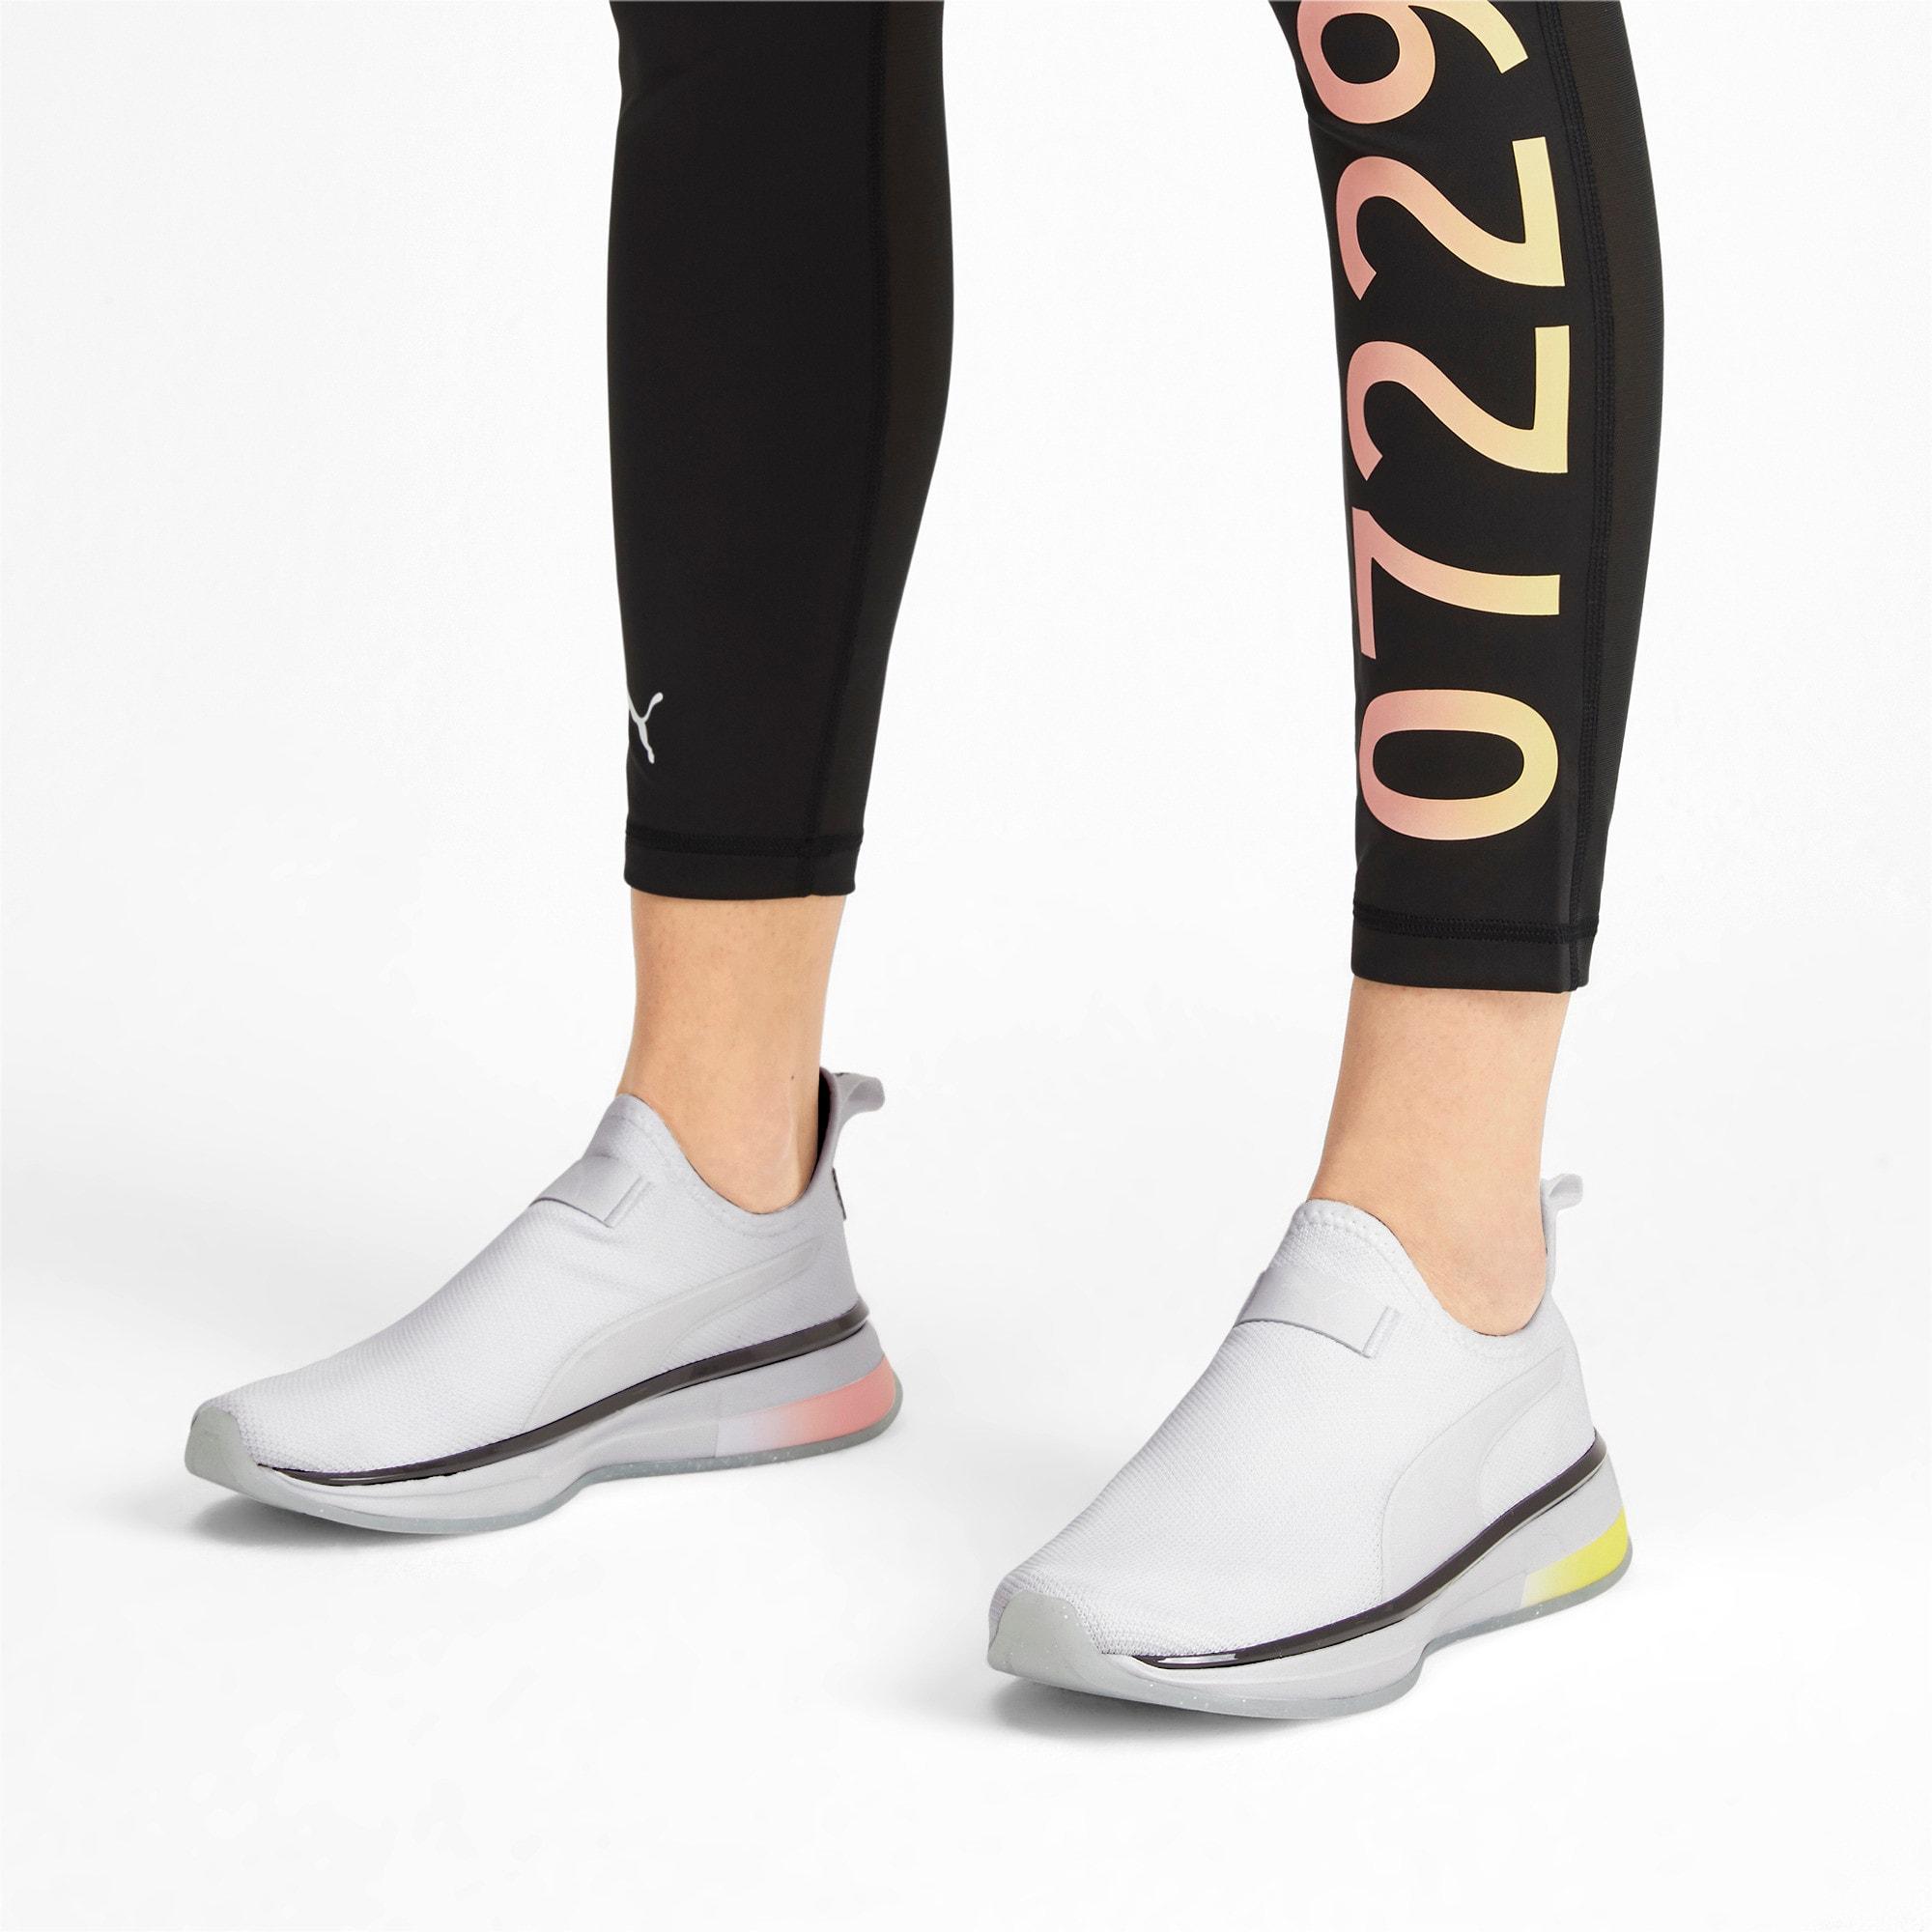 Imagen en miniatura 2 de Zapatillas sin cierres de mujer PUMA x SELENA GOMEZ, Puma blanco - Puma negro, mediana